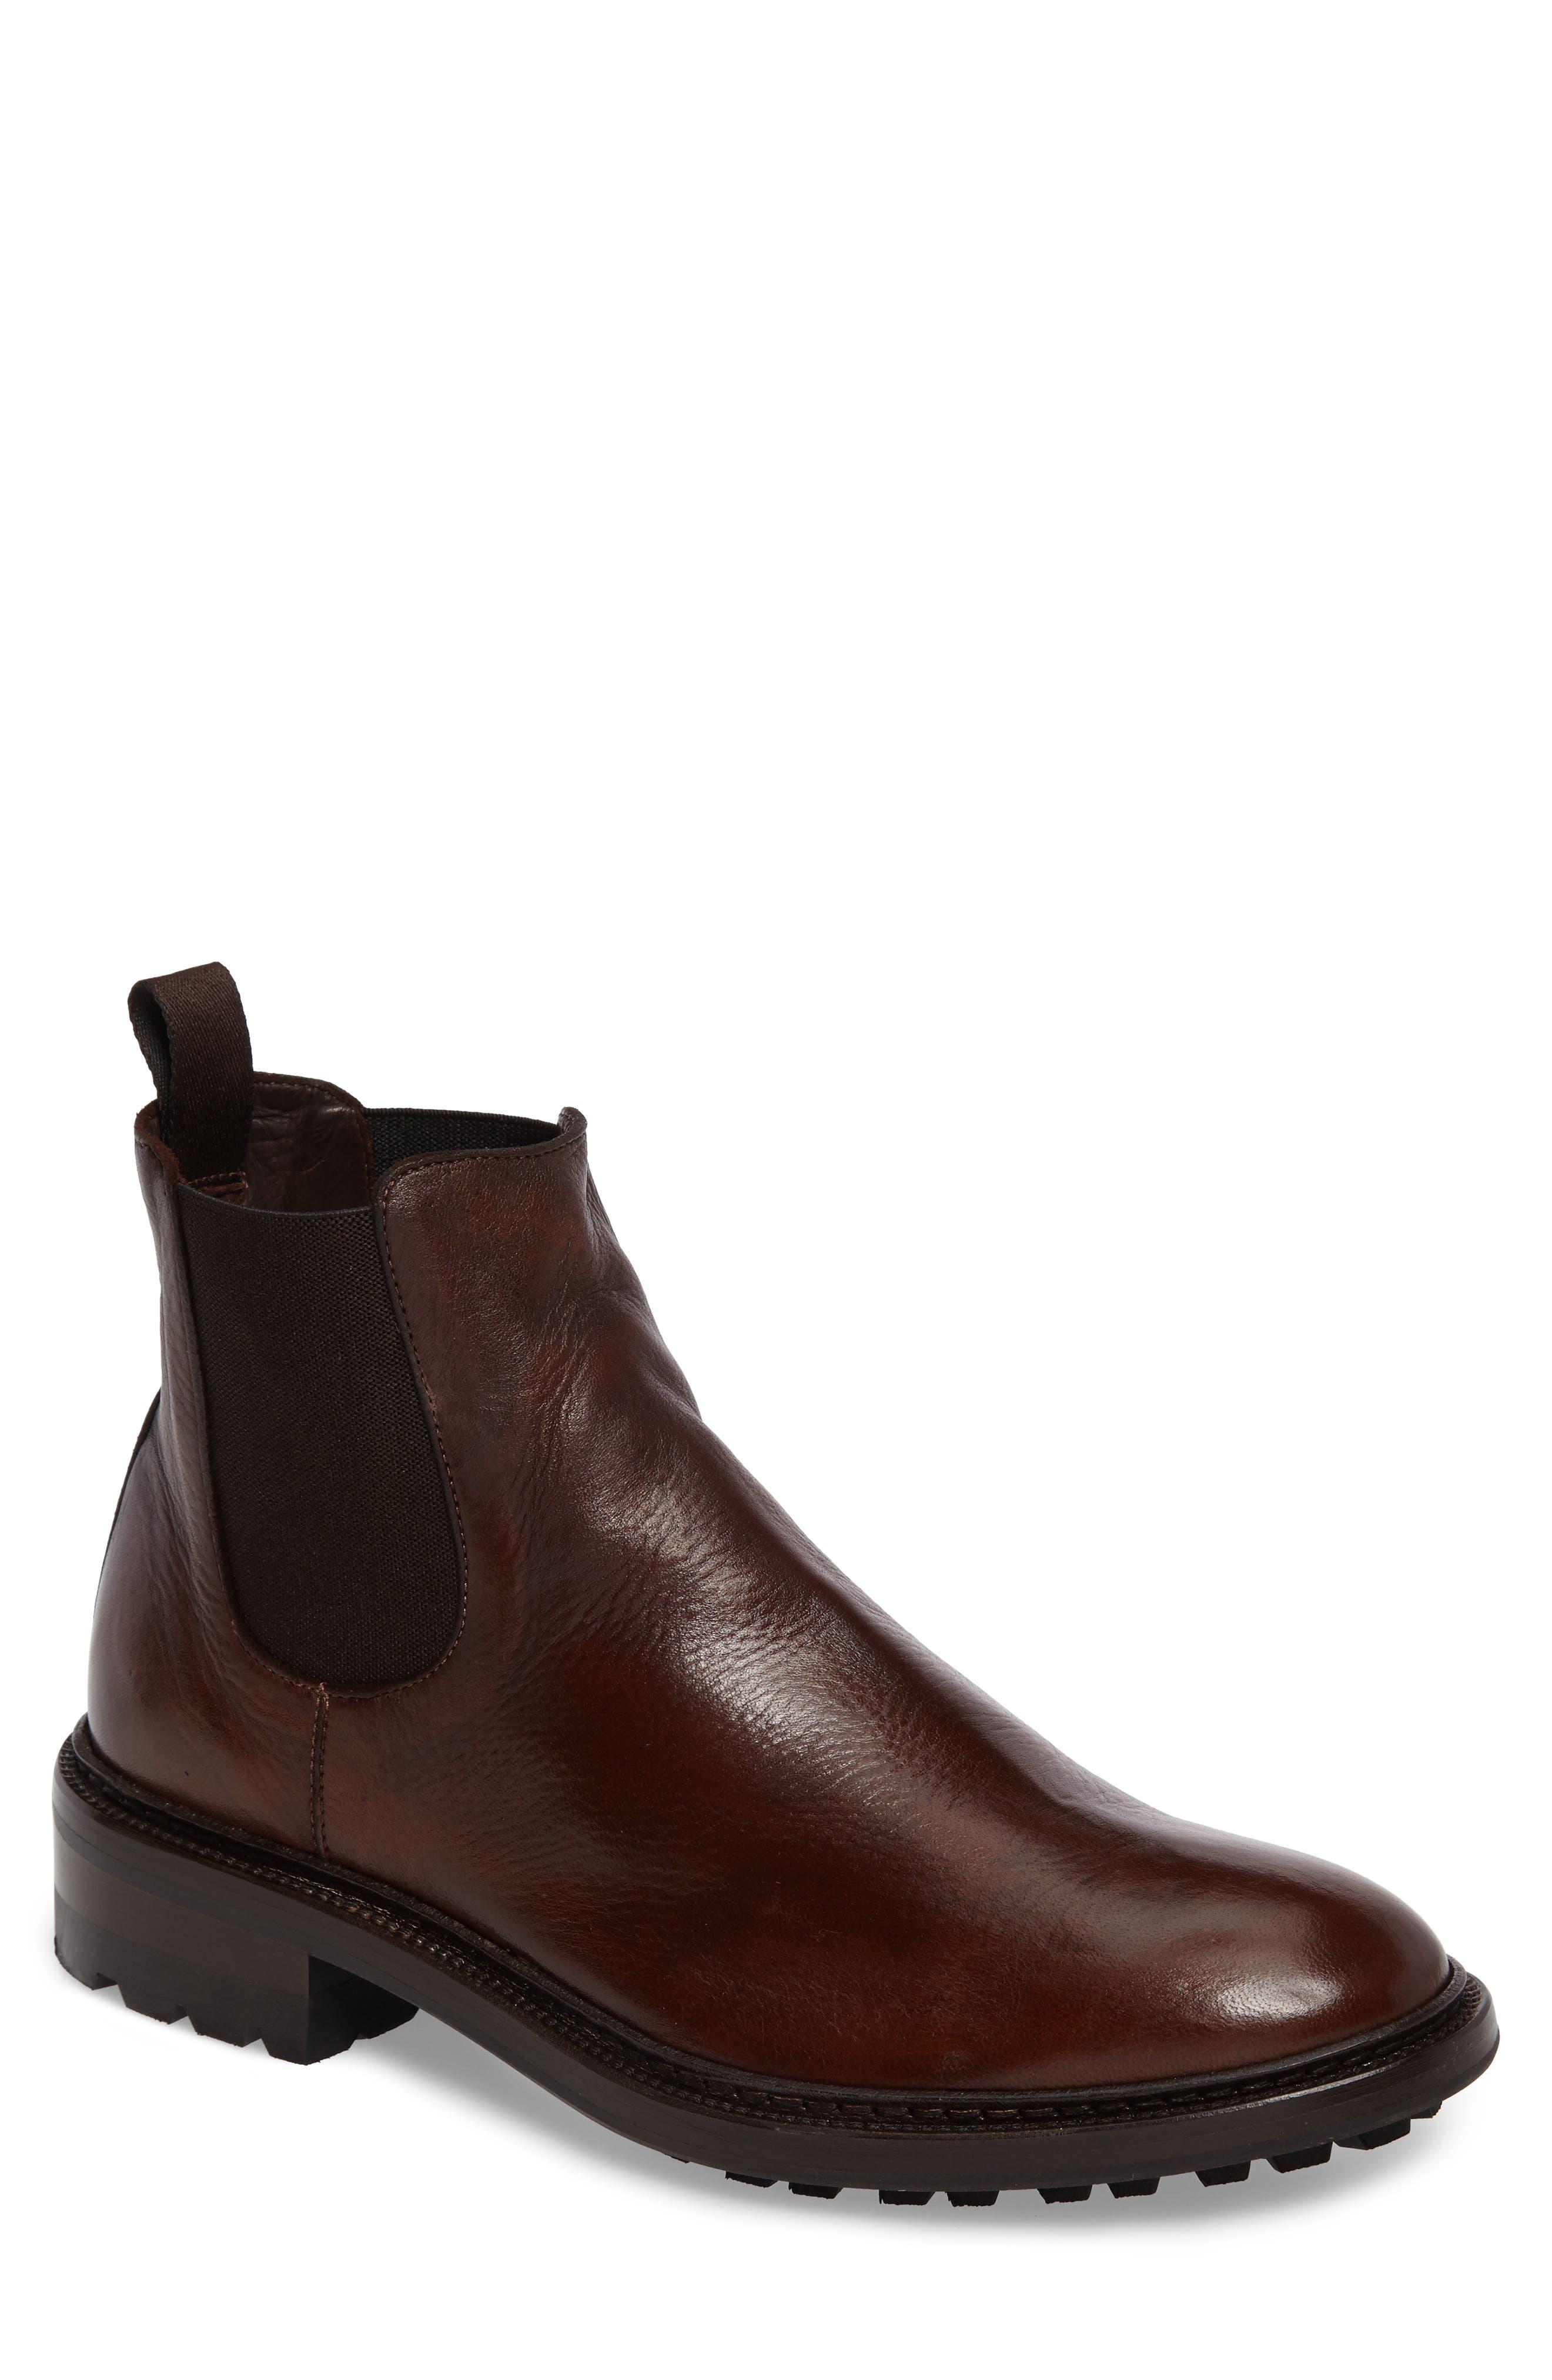 Greyson Chelsea Boot,                         Main,                         color, Cognac